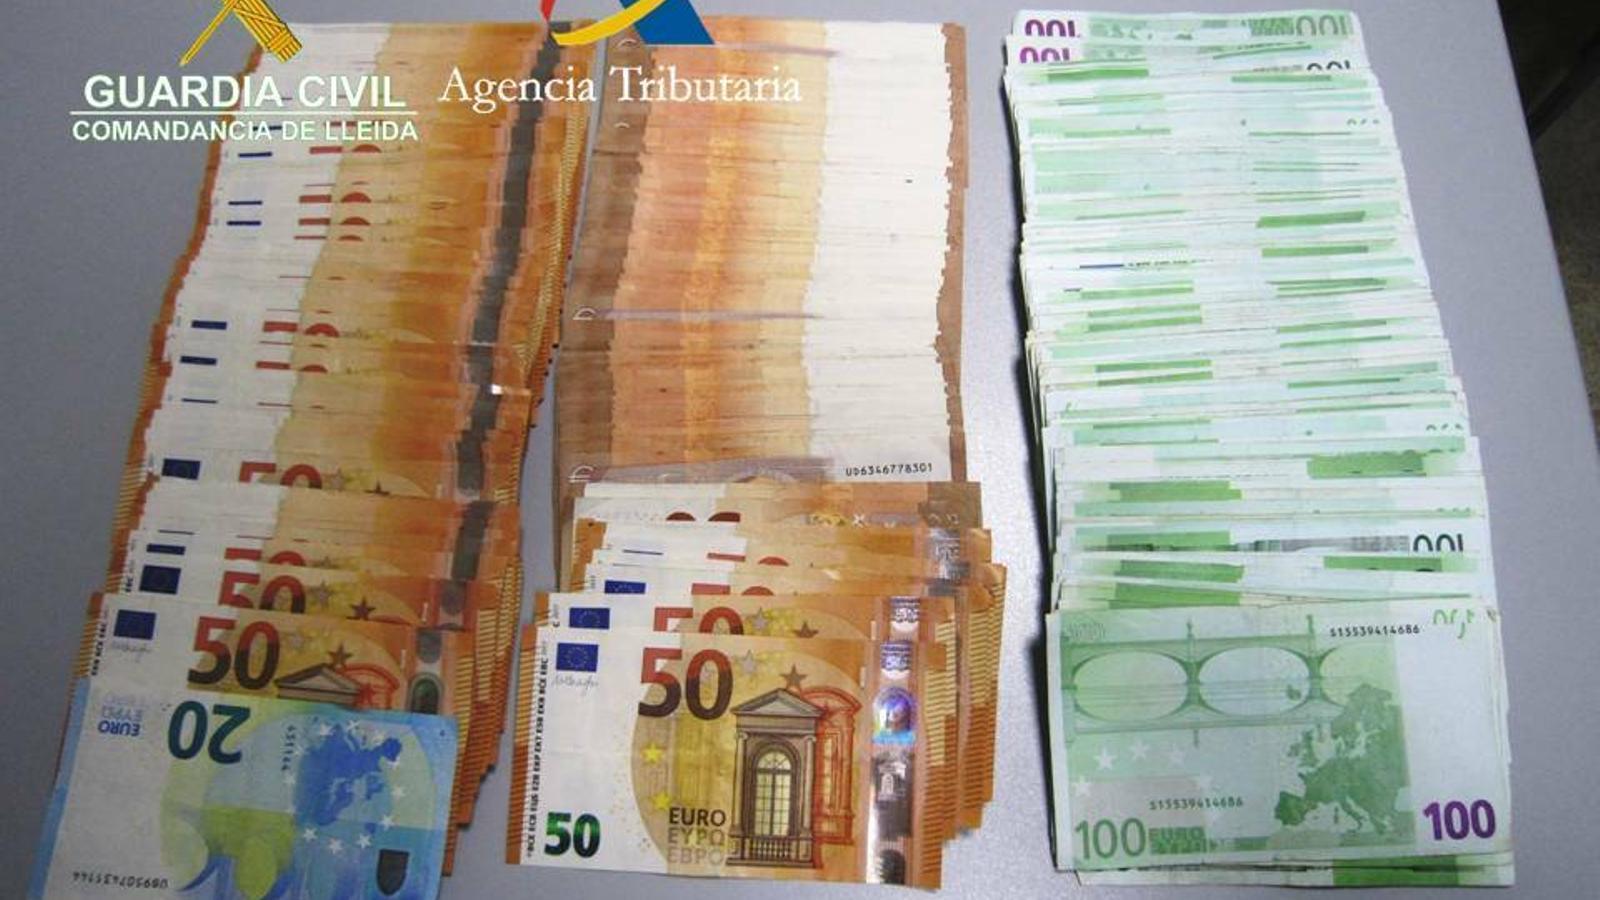 Els bitllets intervinguts. / GUÀRDIA CIVIL